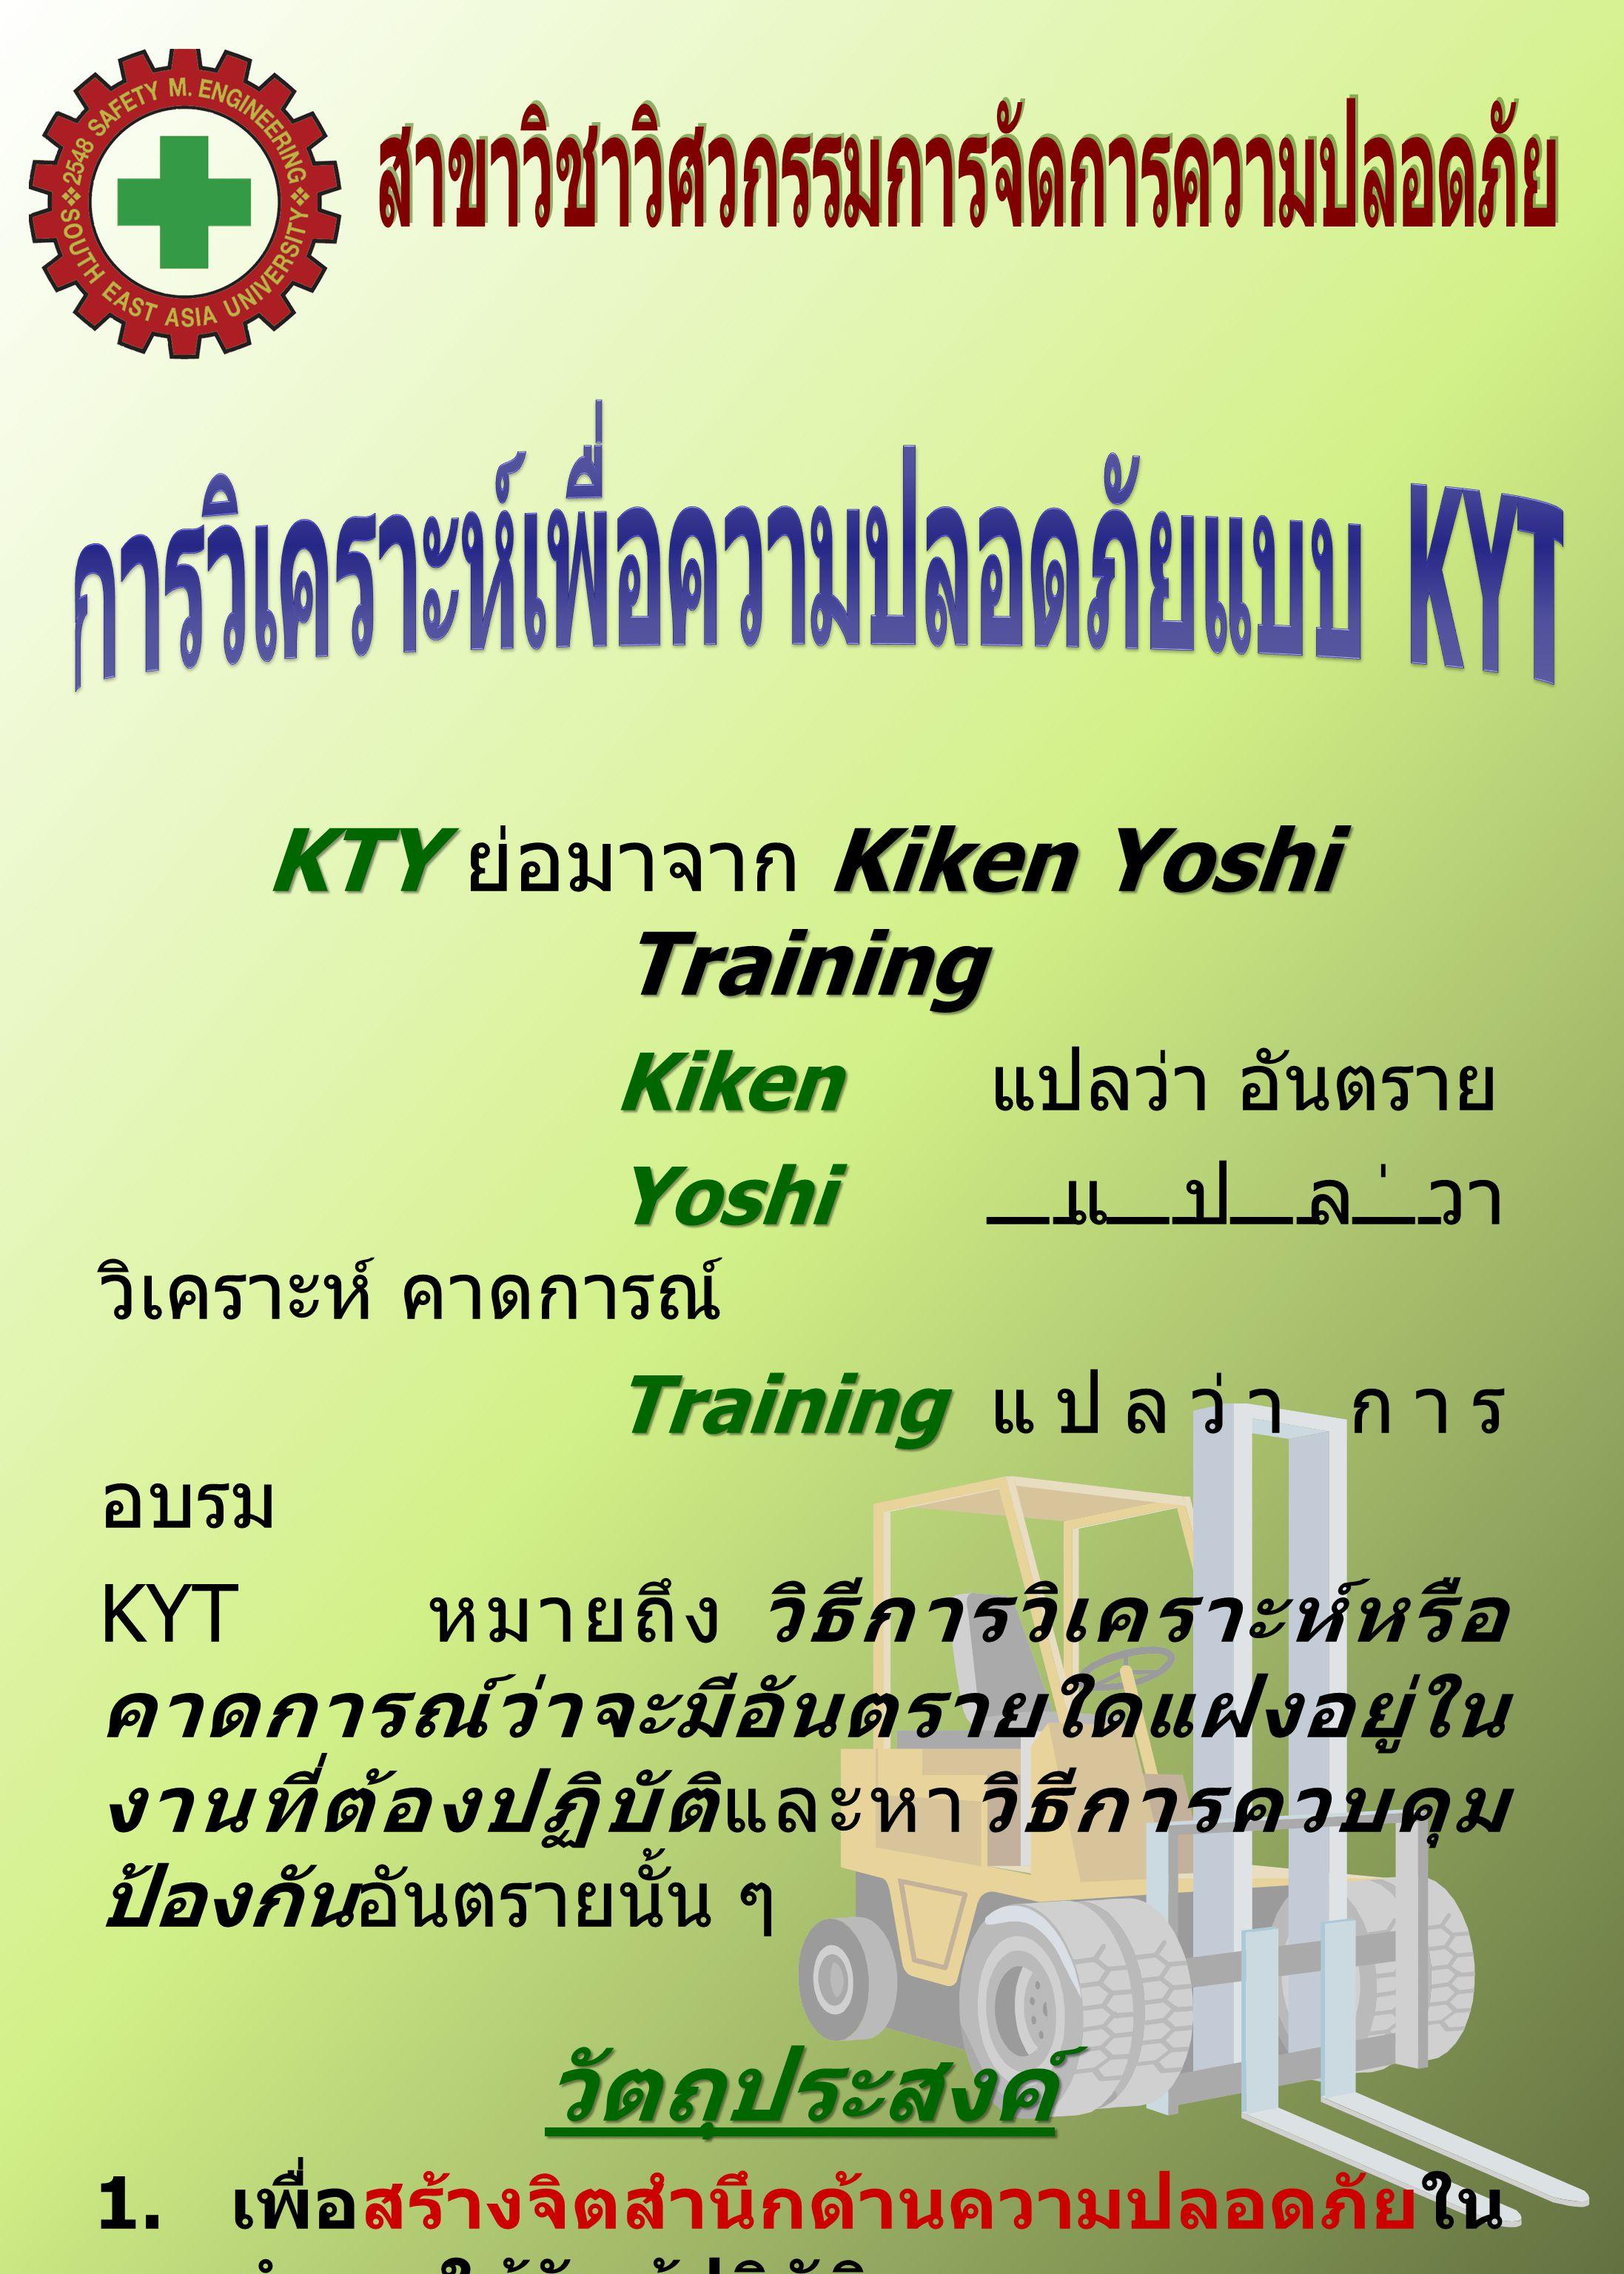 KTYKiken Yoshi Training KTY ย่อมาจาก Kiken Yoshi Training Kiken Kiken แปลว่า อันตราย Yoshi Yoshi แปลว่า วิเคราะห์ คาดการณ์ Training Training แปลว่า กา